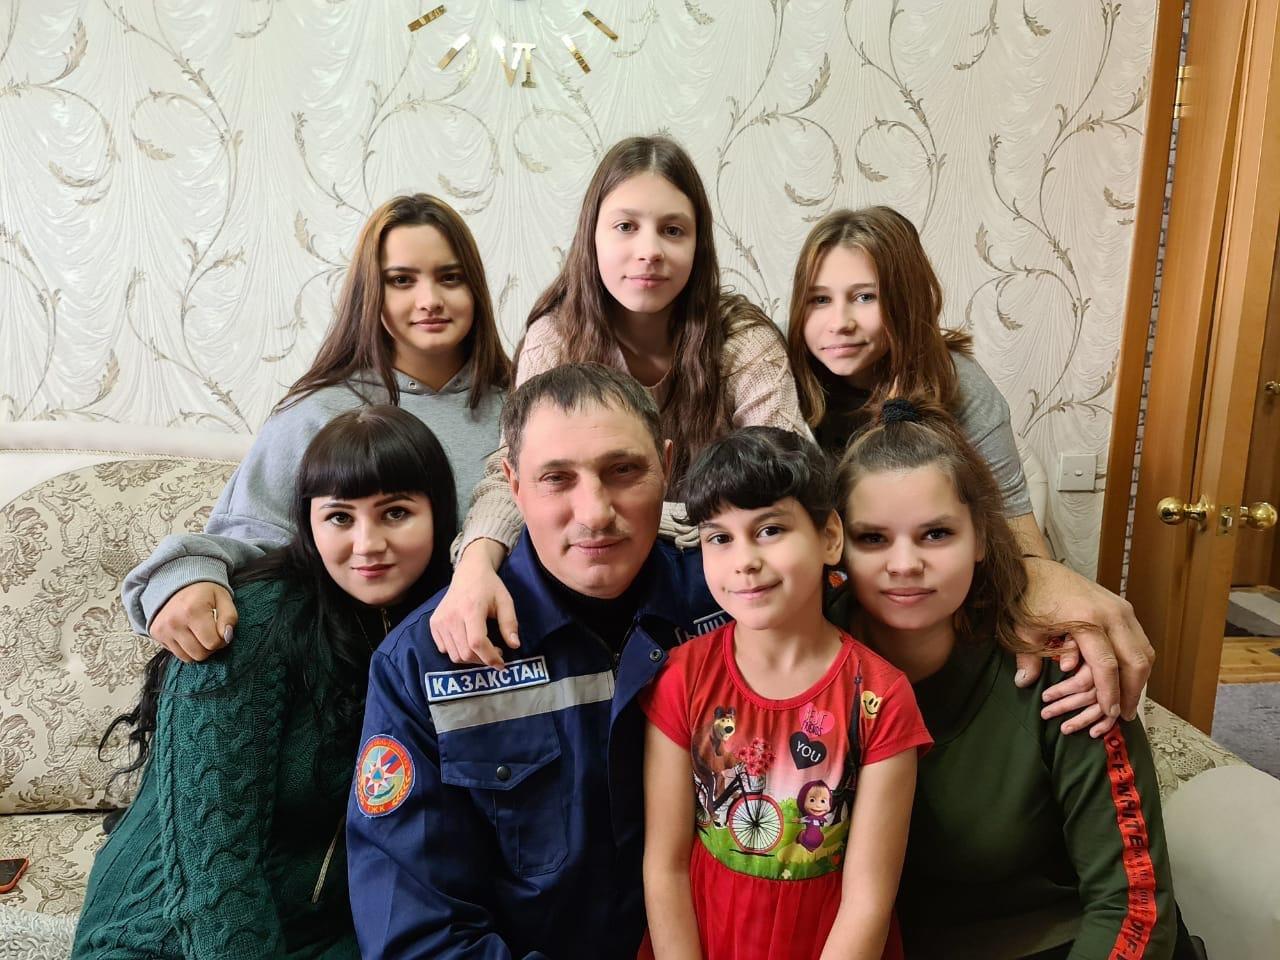 Шесть сирот взял в семью спасатель из Караганды, фото-1